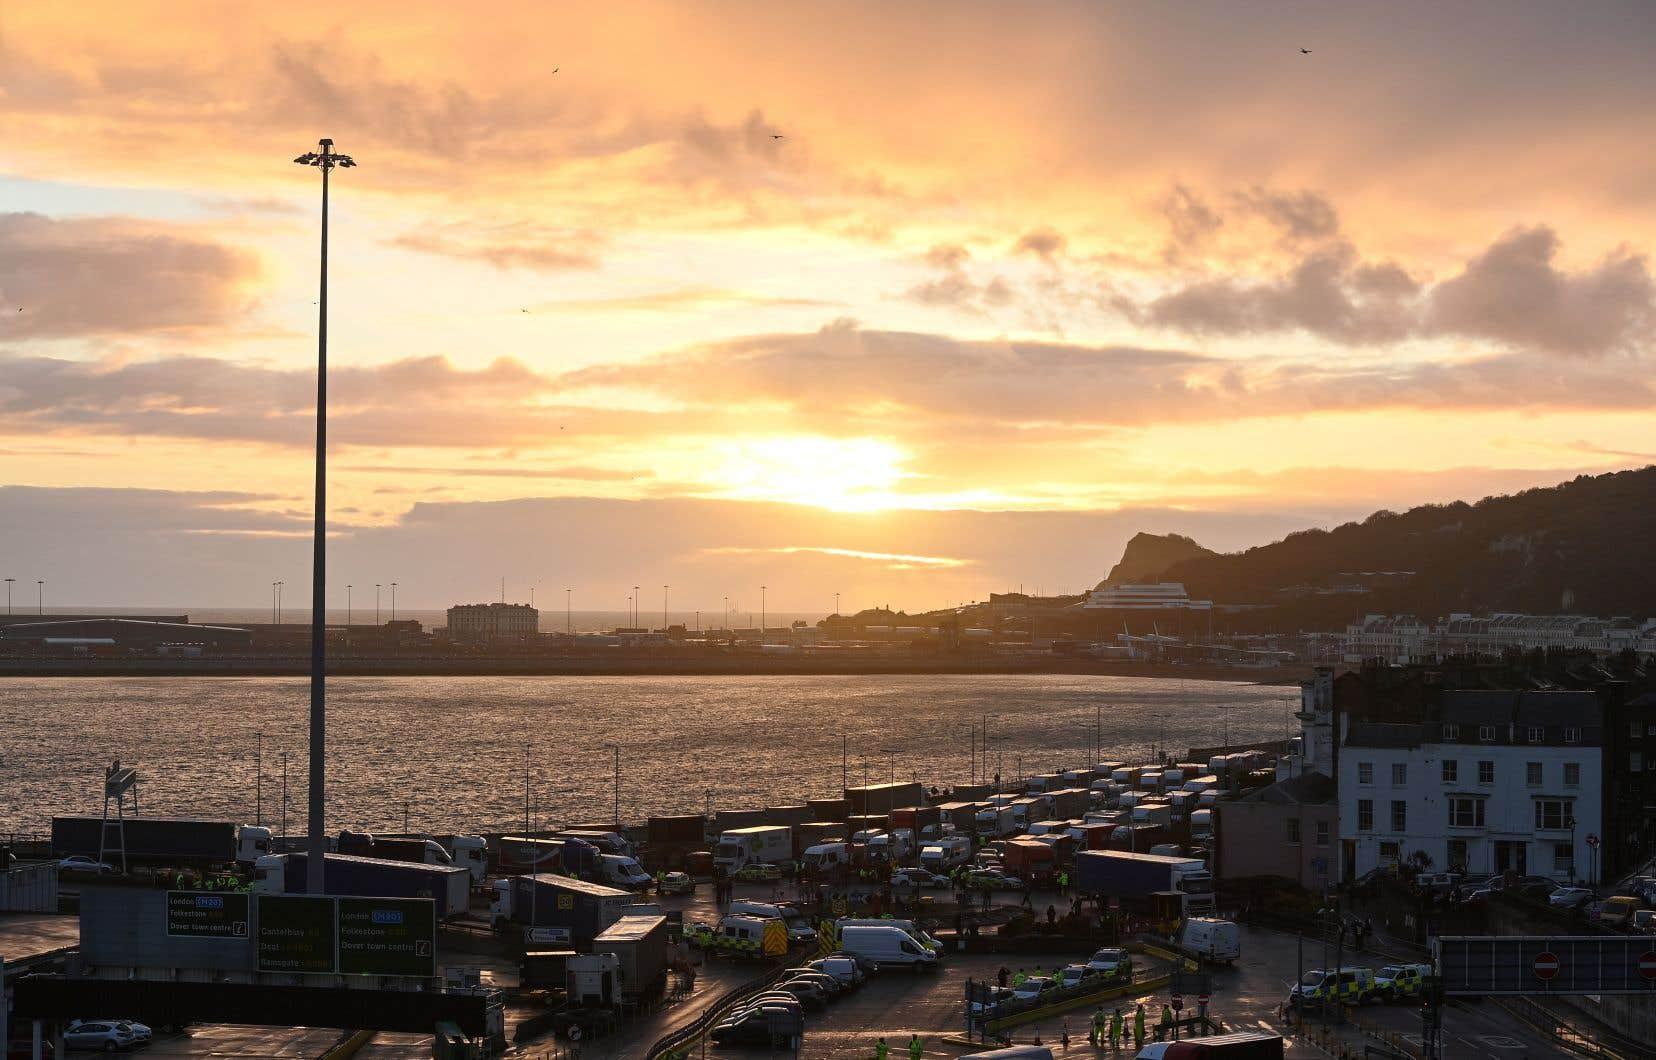 Le port anglais de Douvres a rouvert mercredi, mais il faudra plusieurs jours pour faire passer tous les routiers bloqués sur l'île britannique dans l'attente des tests réclamés par les Français.